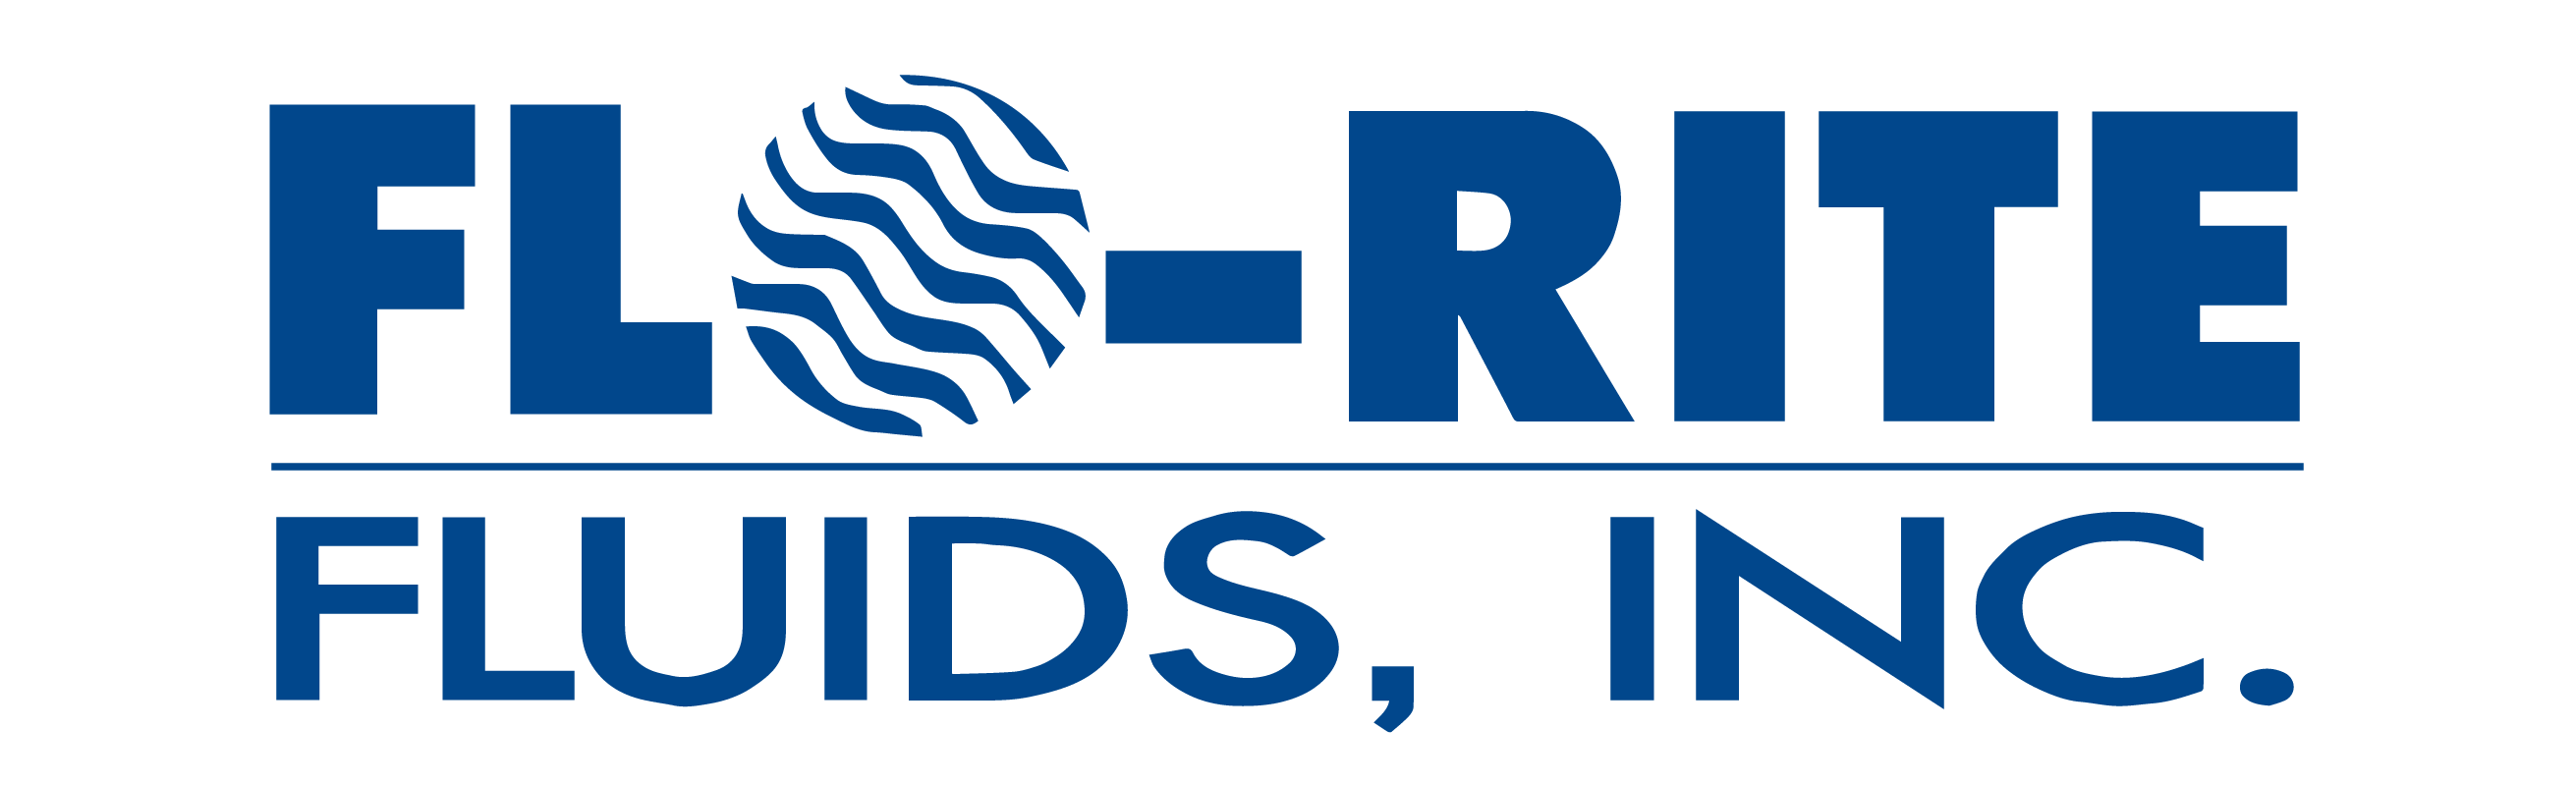 FLO-RITE Fluids, Inc.